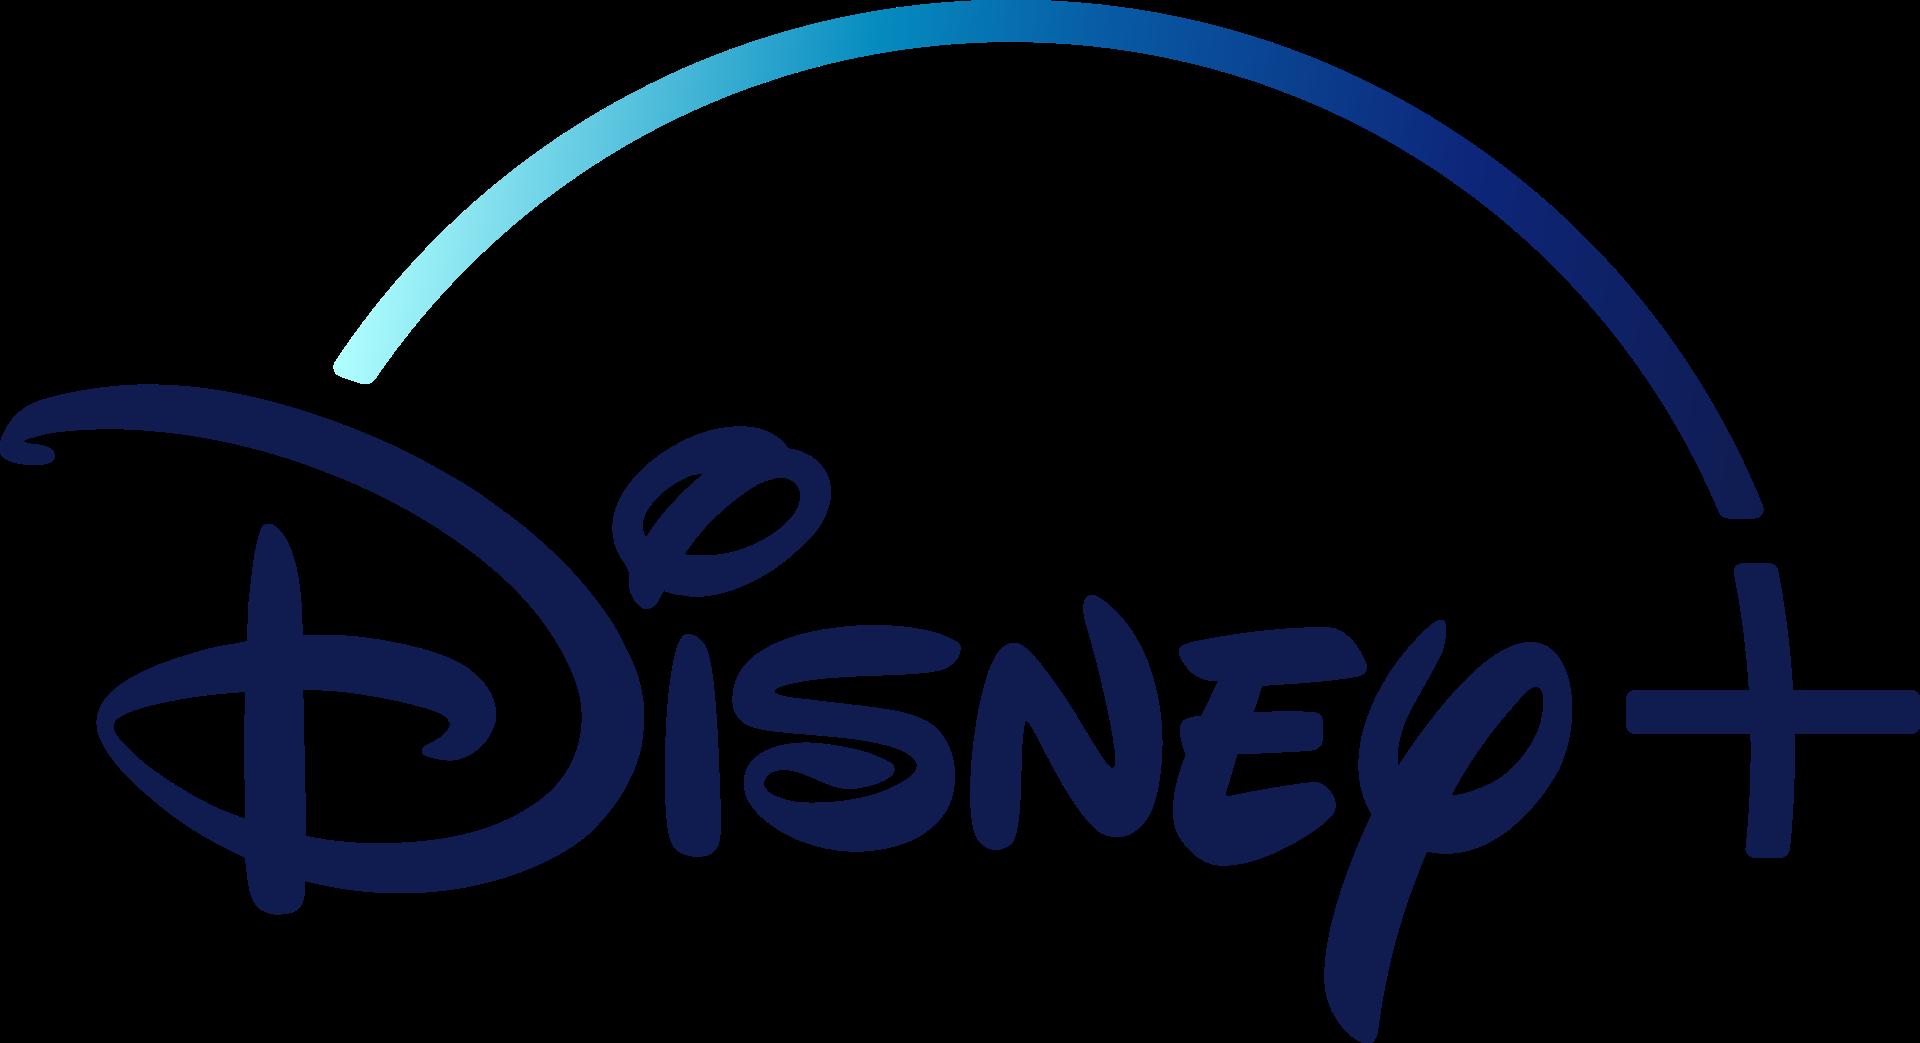 Disney + ya está aquí: pruébalo gratis durante 7 días. Luego 6,99 euros al mes o 69,99 euros por la suscripción anual.